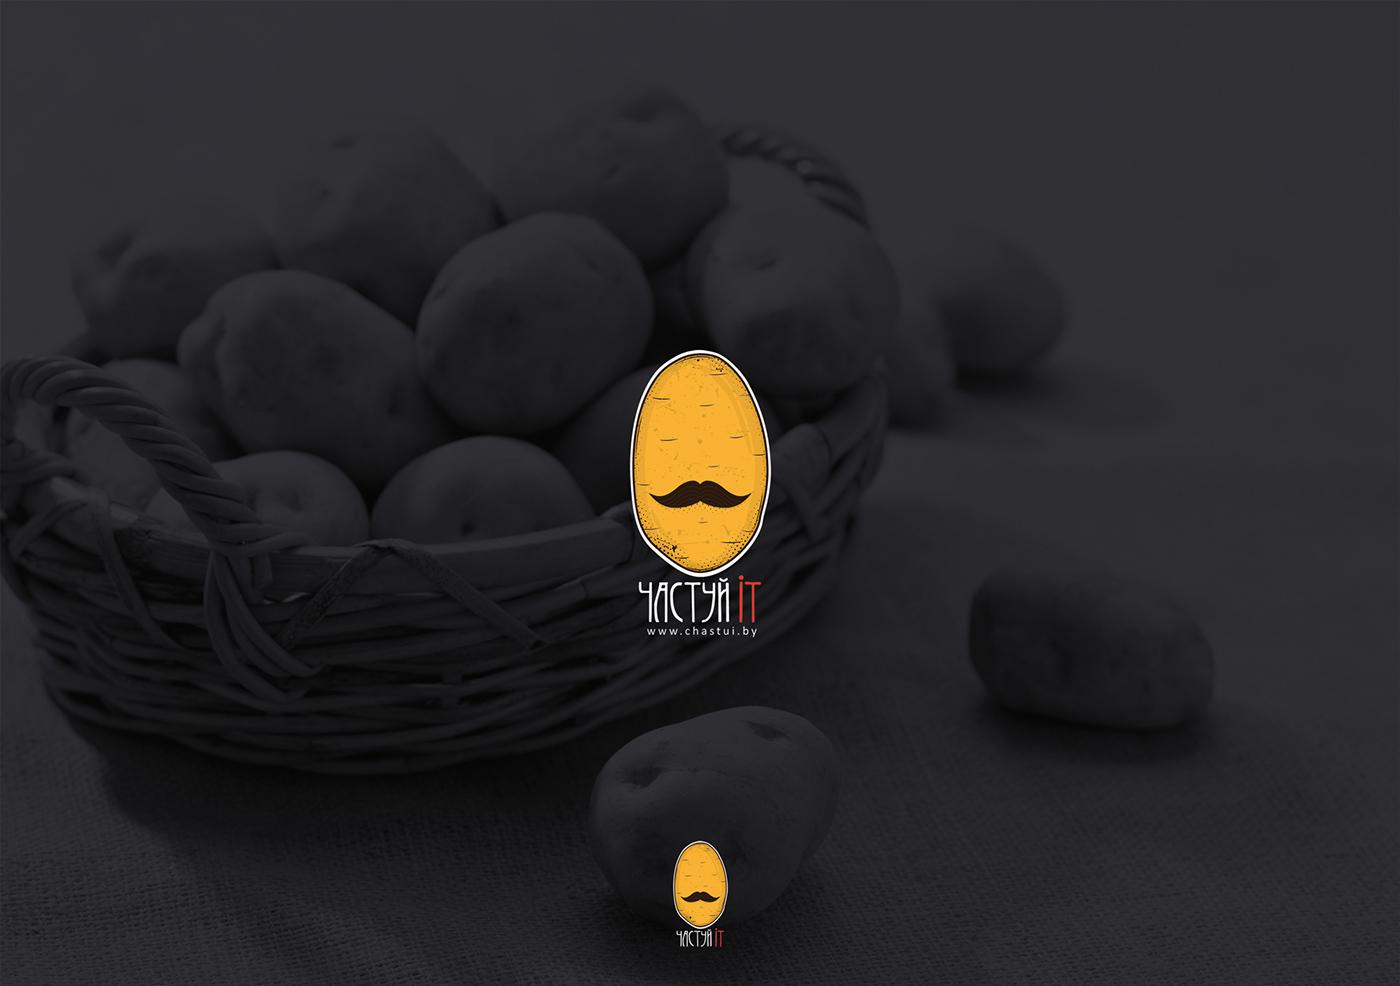 Разработка логотипа для Театра Российской Армии фото f_112587f8c5d4d509.jpg